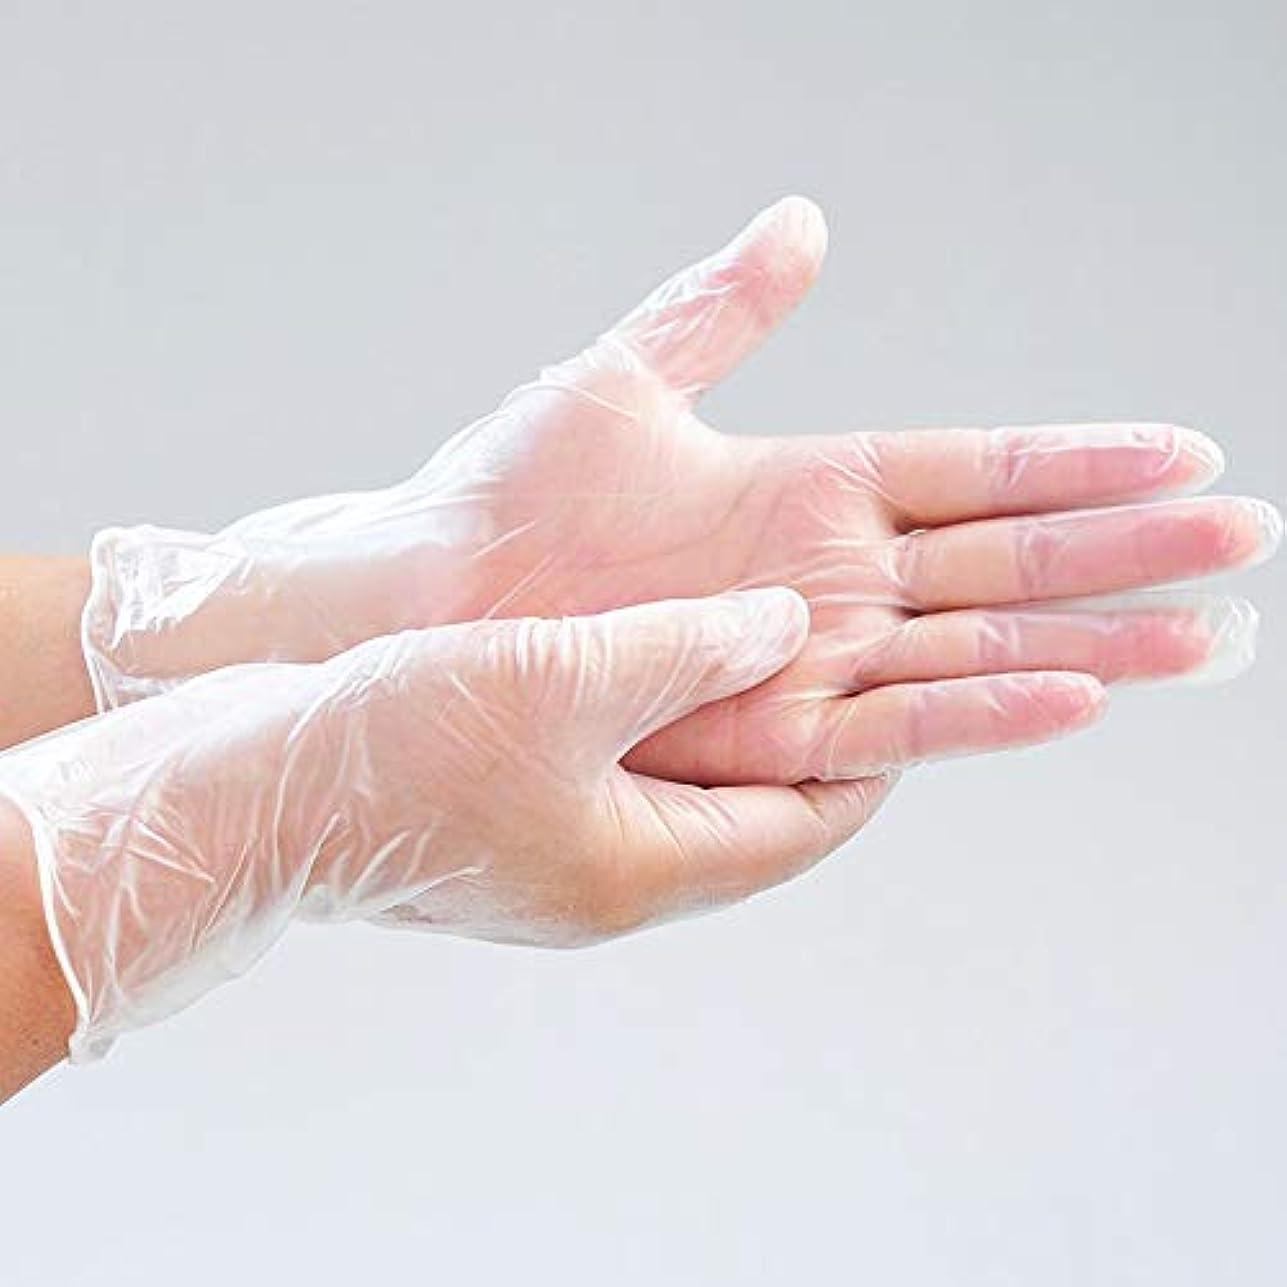 くそーためらう帝国OWSOO 使い捨てグローブ 使い捨て透明PVC手袋 パウダーフリー 肥厚 防水用 実用 衛生 使い捨て手袋 高温抵抗 引張抵抗 実験室 歯科 炊事 家事 バーベキュー ケータリング ホーム用 透明 100ピース L